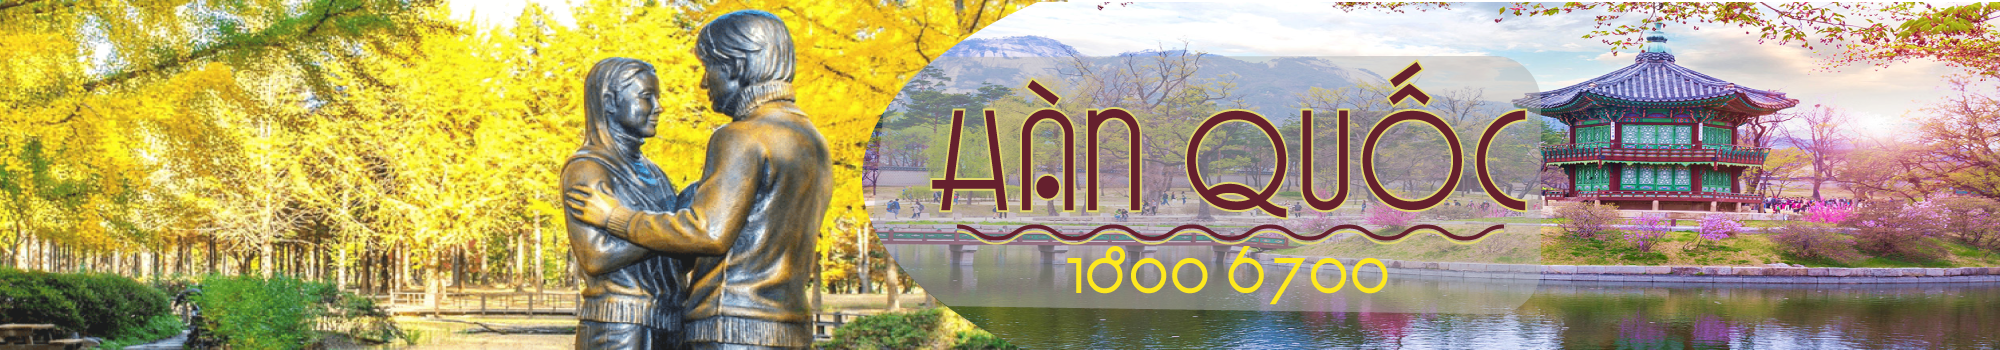 Thông tin và kinh nghiệm du lịch Hàn Quốc